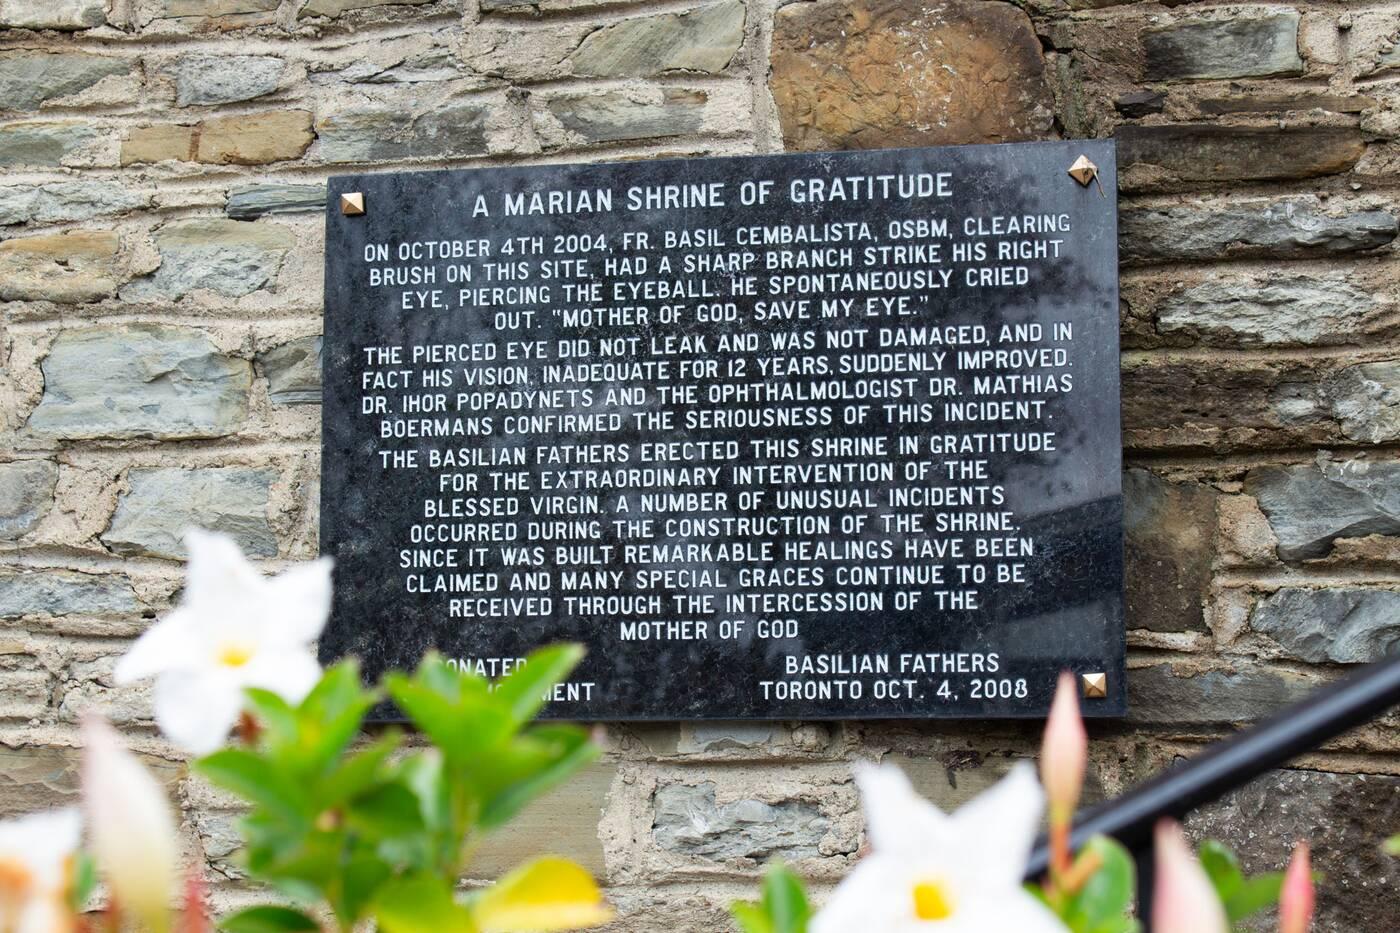 marian shrine of gratitude toronto